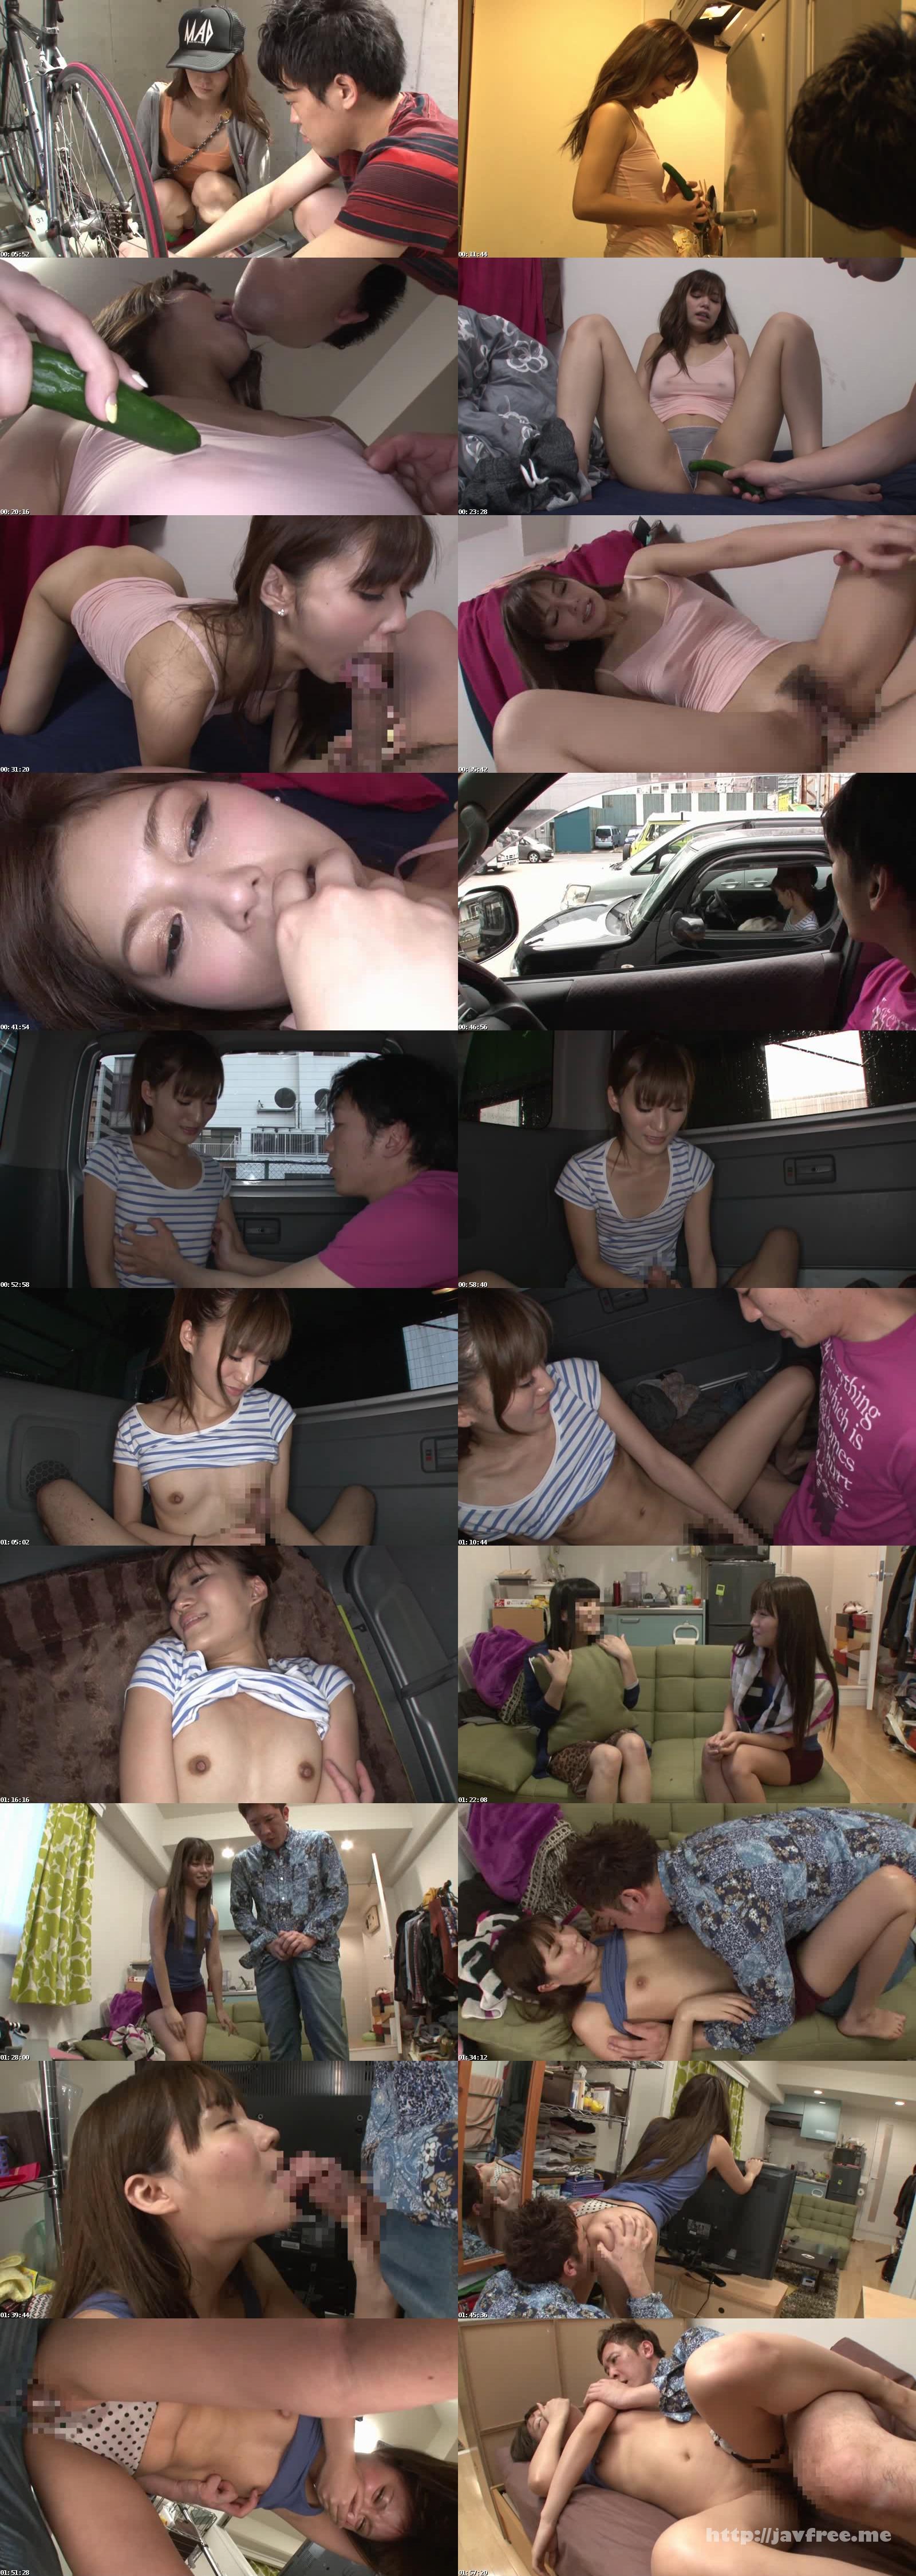 [RDT-192] 偶然見かけた貧乳女子がまさかのノーブラ!?見られる事に興奮した彼女の敏感乳首はビンビンに立っていて… - image RDT-192 on https://javfree.me